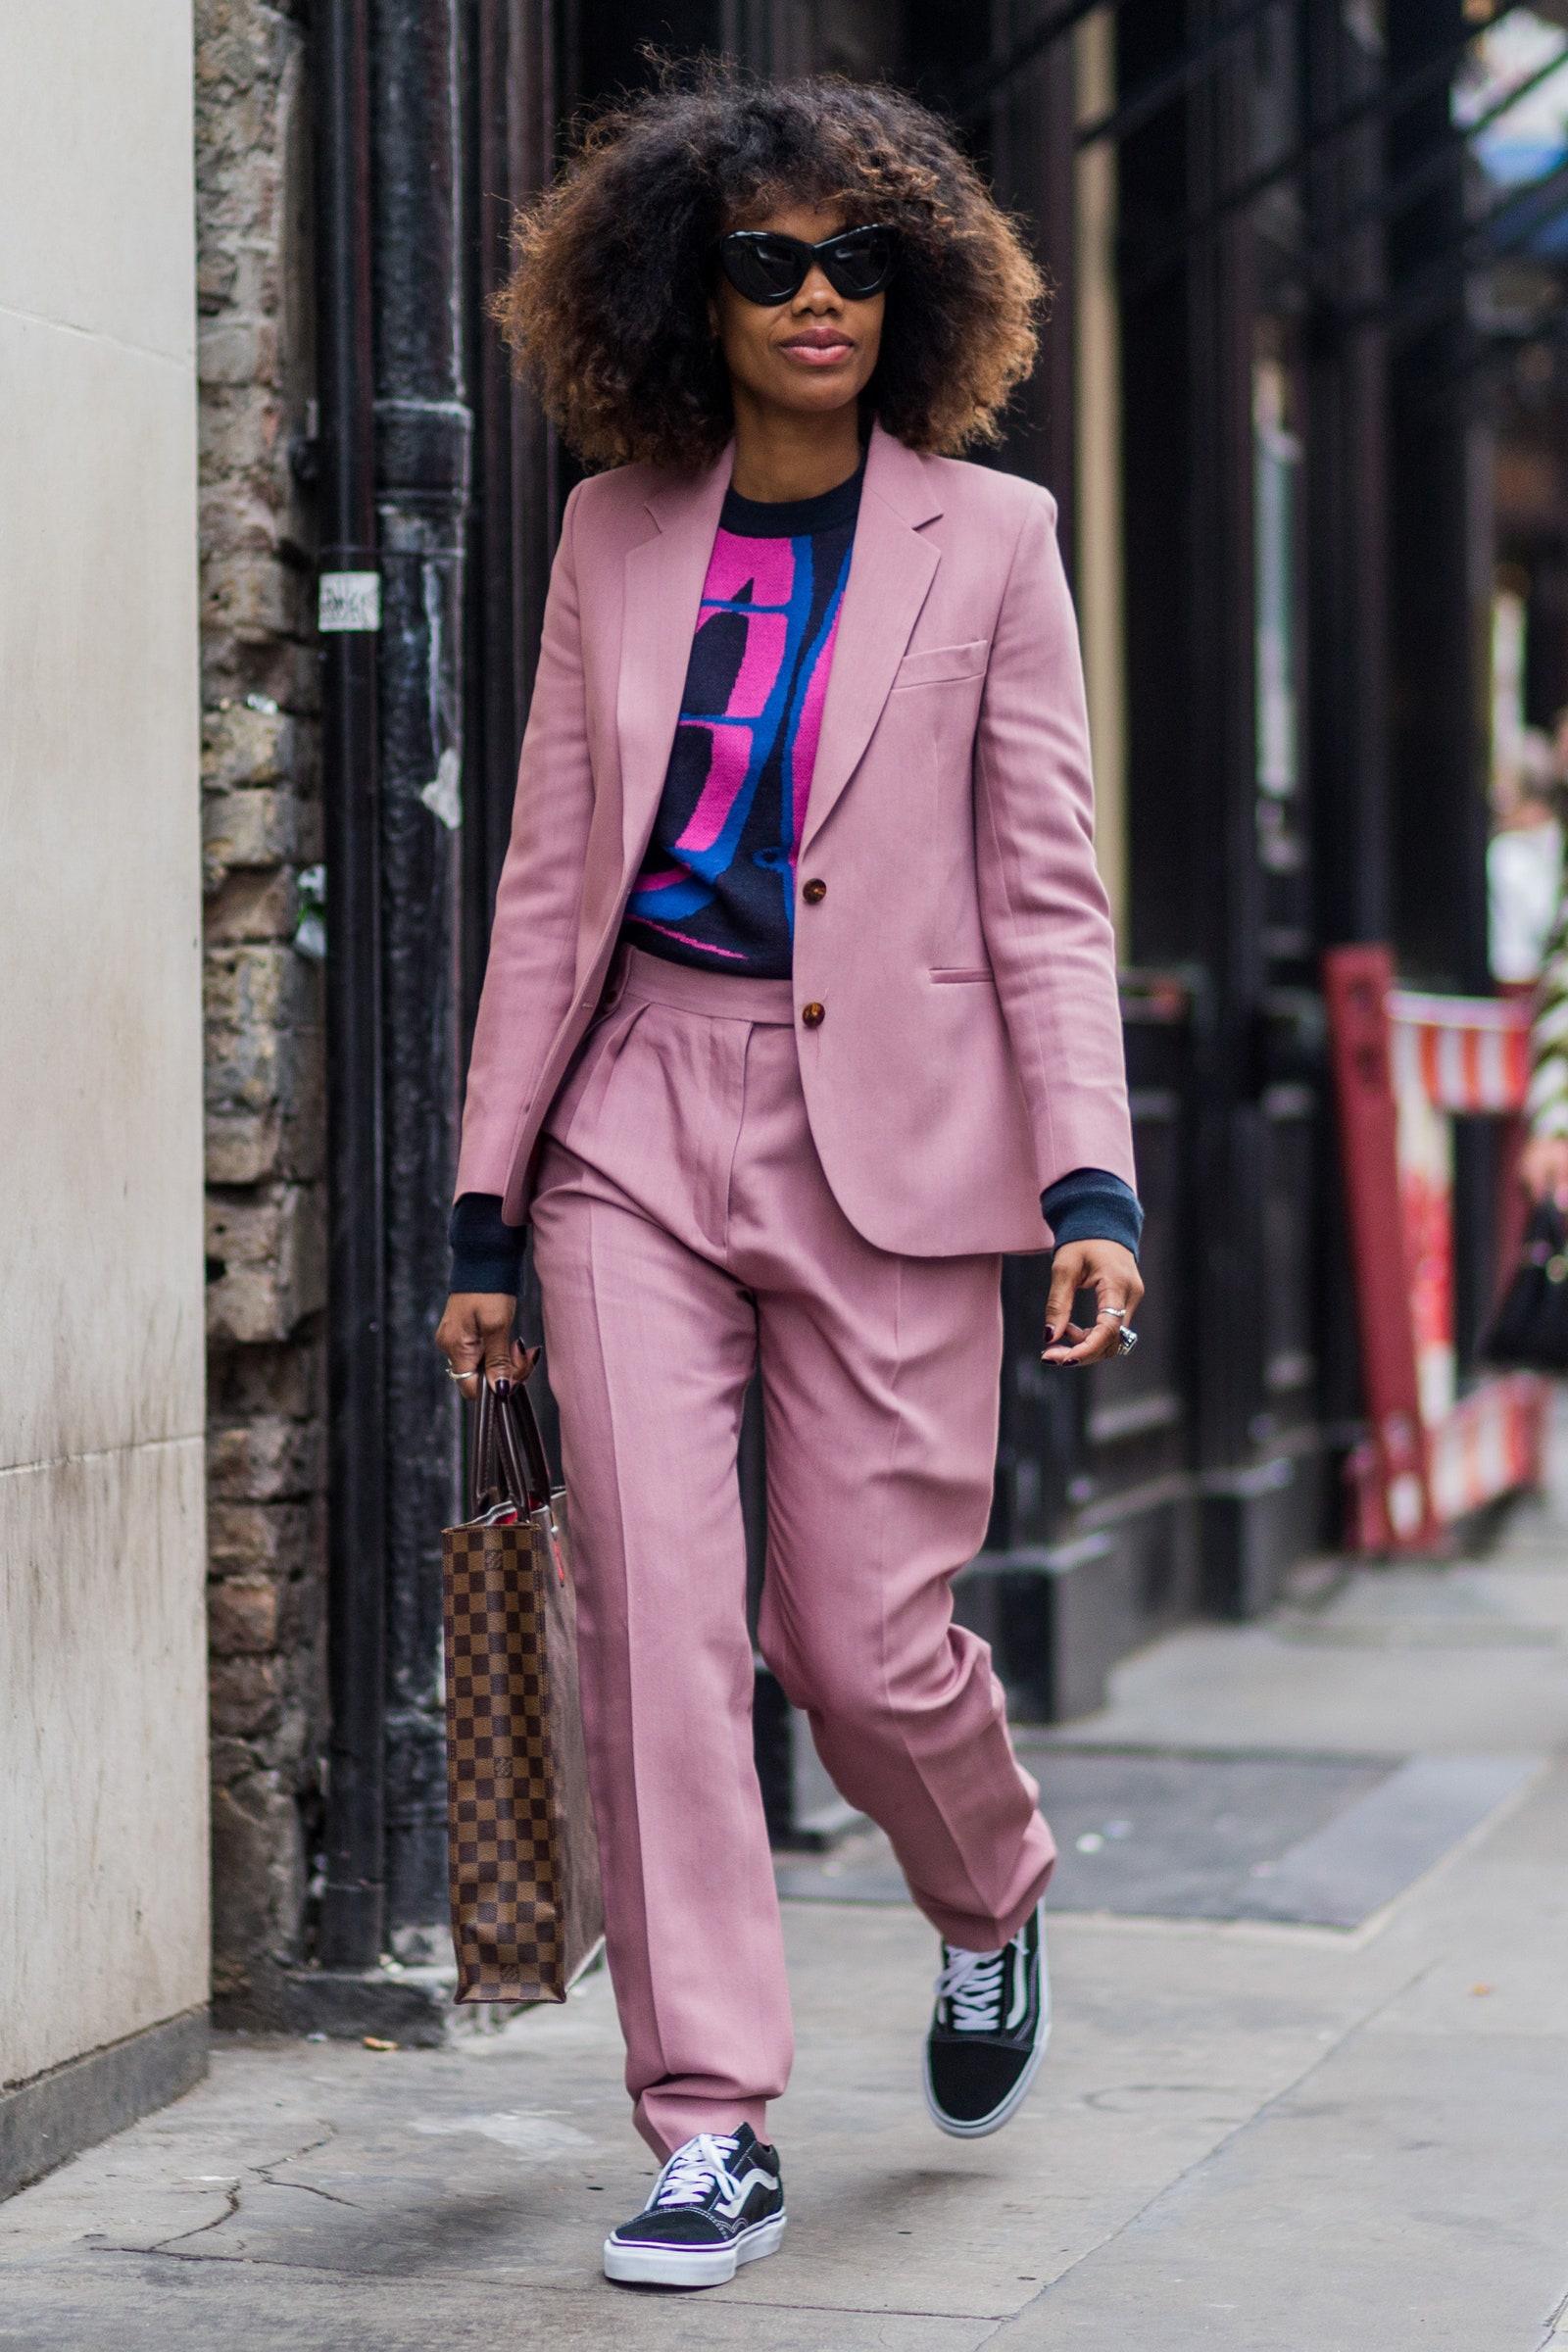 Dámsky oblek v ružovej farbe vhodný na leto.